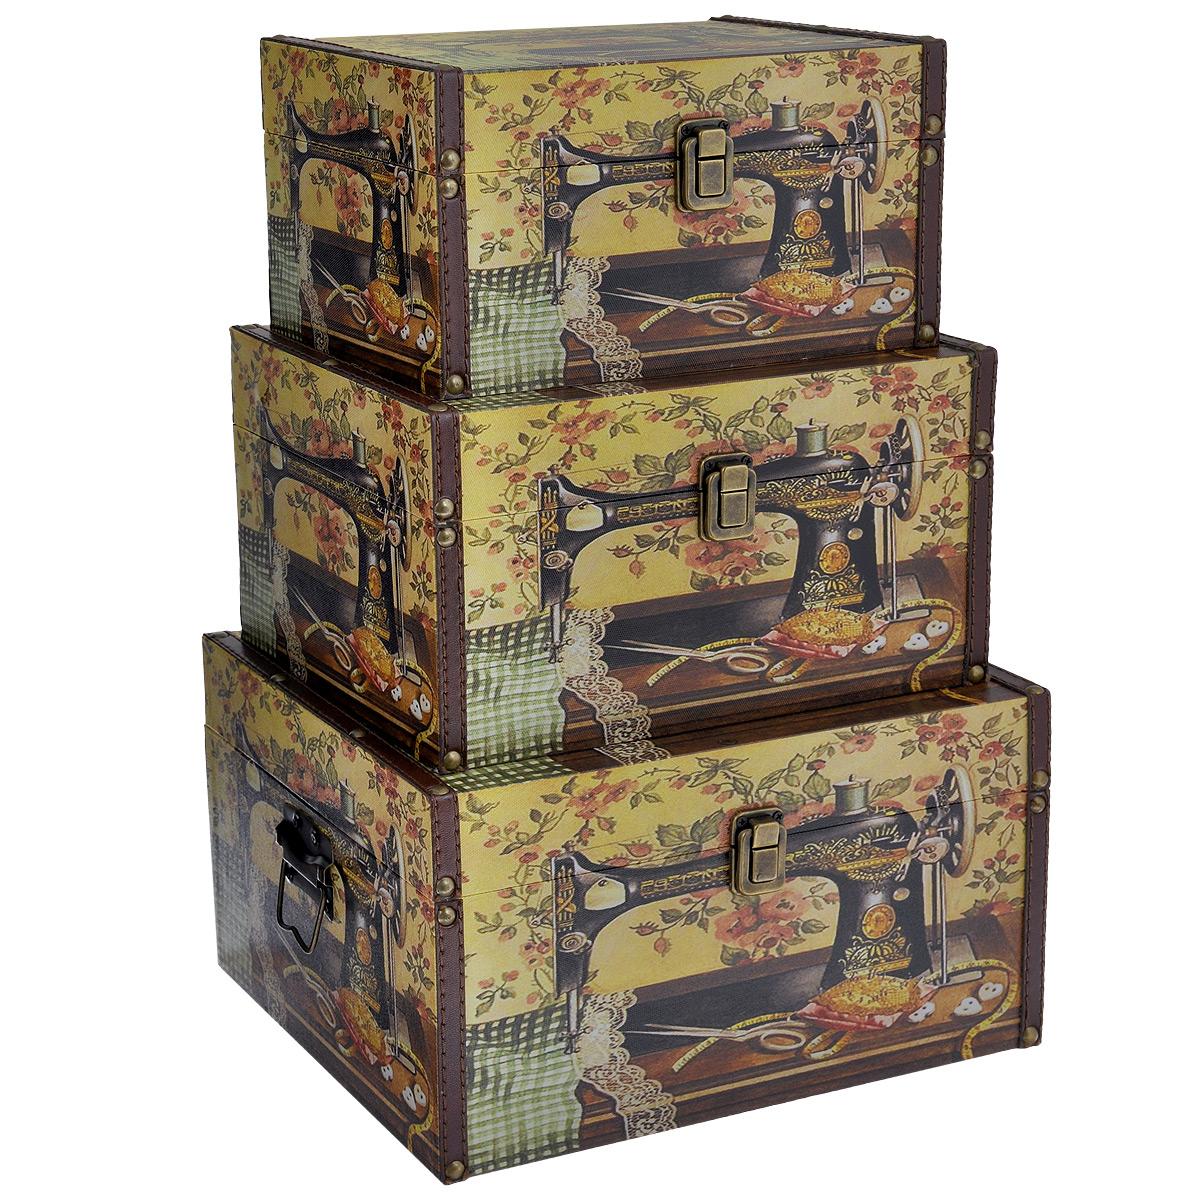 Набор шкатулок для рукоделия Швейные машинки, цвет: желтый, коричневый, 3 штTL3976R5Набор Швейные машинки состоит из трех шкатулок разного размера, изготовленных из МДФ, картона и холщовой ткани и оснащенных крышками. Изделия декорированы изображением швейной машинки и других предметов шитья. Крышки закрываются на металлический замочек-защелку. Внутри изделия обтянуты тканью коричневого цвета. Самая большая шкатулка имеет по бокам две металлические ручки для удобной переноски. Изящные шкатулки с ярким дизайном, складывающиеся одна в другую, предназначены для хранения мелочей, принадлежностей для шитья и творчества и других аксессуаров. Они красиво оформят интерьер комнаты и помогут хранить ваши вещи в порядке. Размер большой шкатулки: 30 см х 24 см х 17 см. Размер средней шкатулки: 27 см х 20 см х 15 см. Размер маленькой шкатулки: 24 см х 16 см х 13 см.